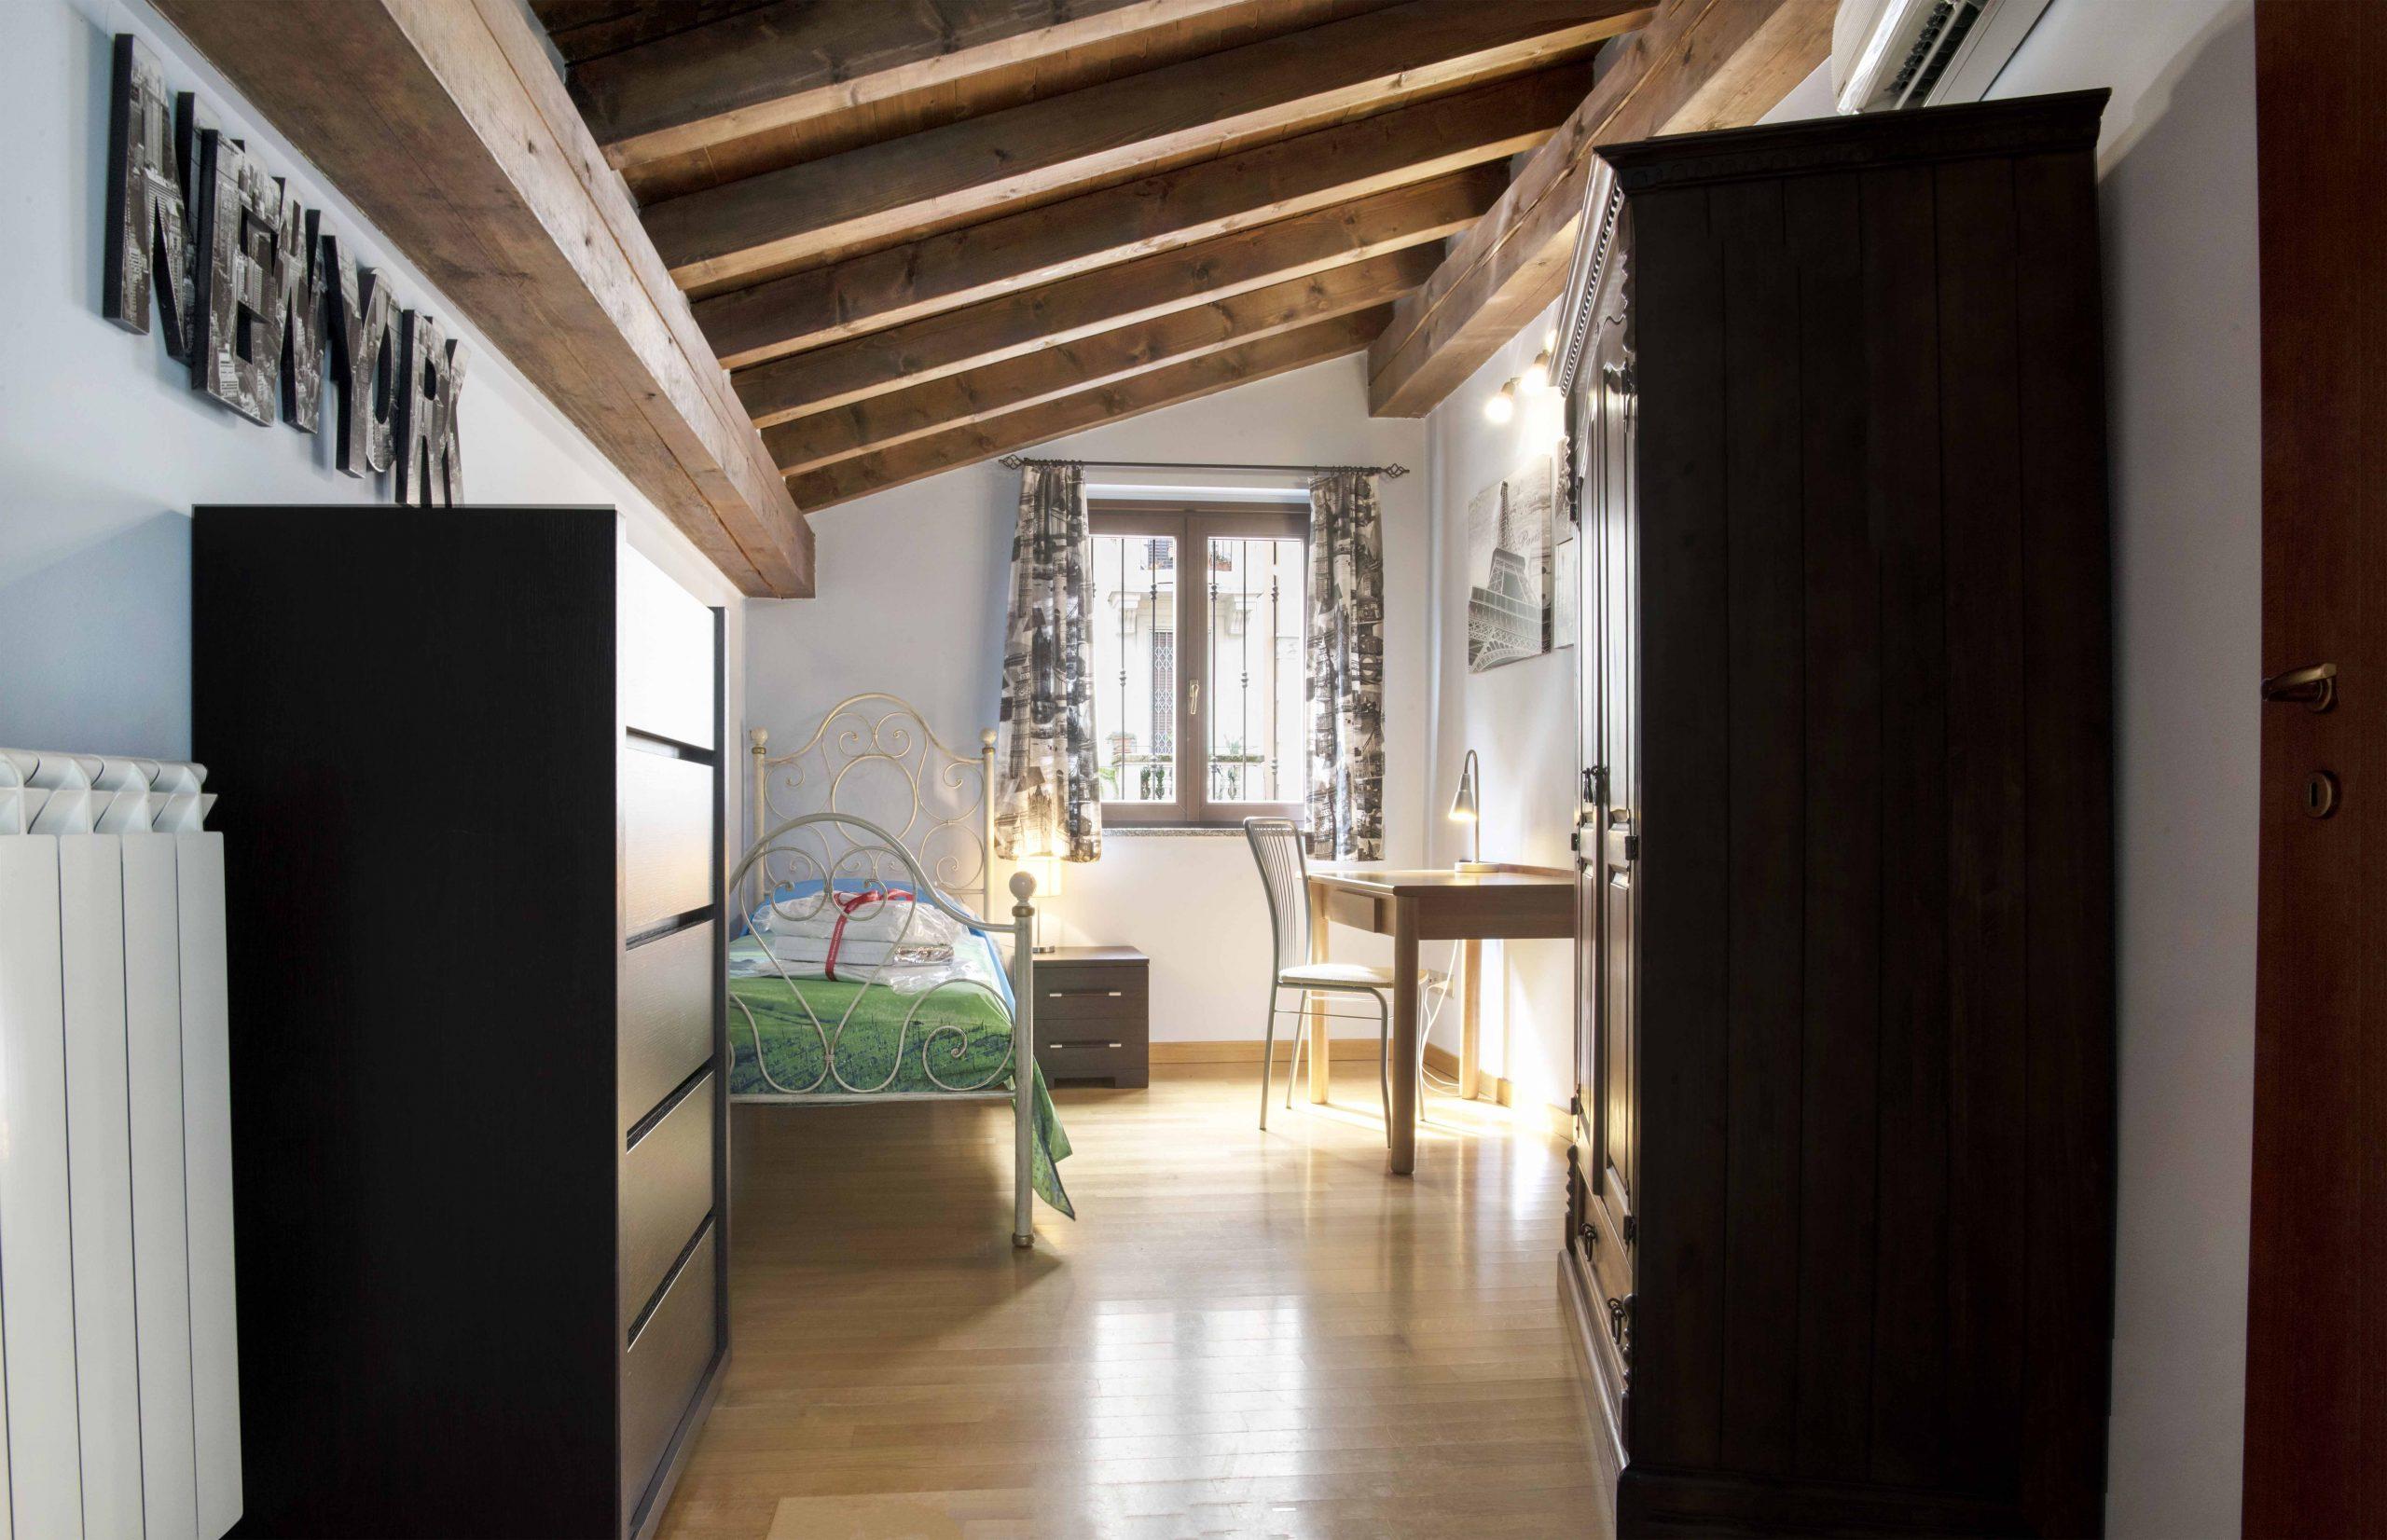 tricloacale chiaralba diadema camera da letto